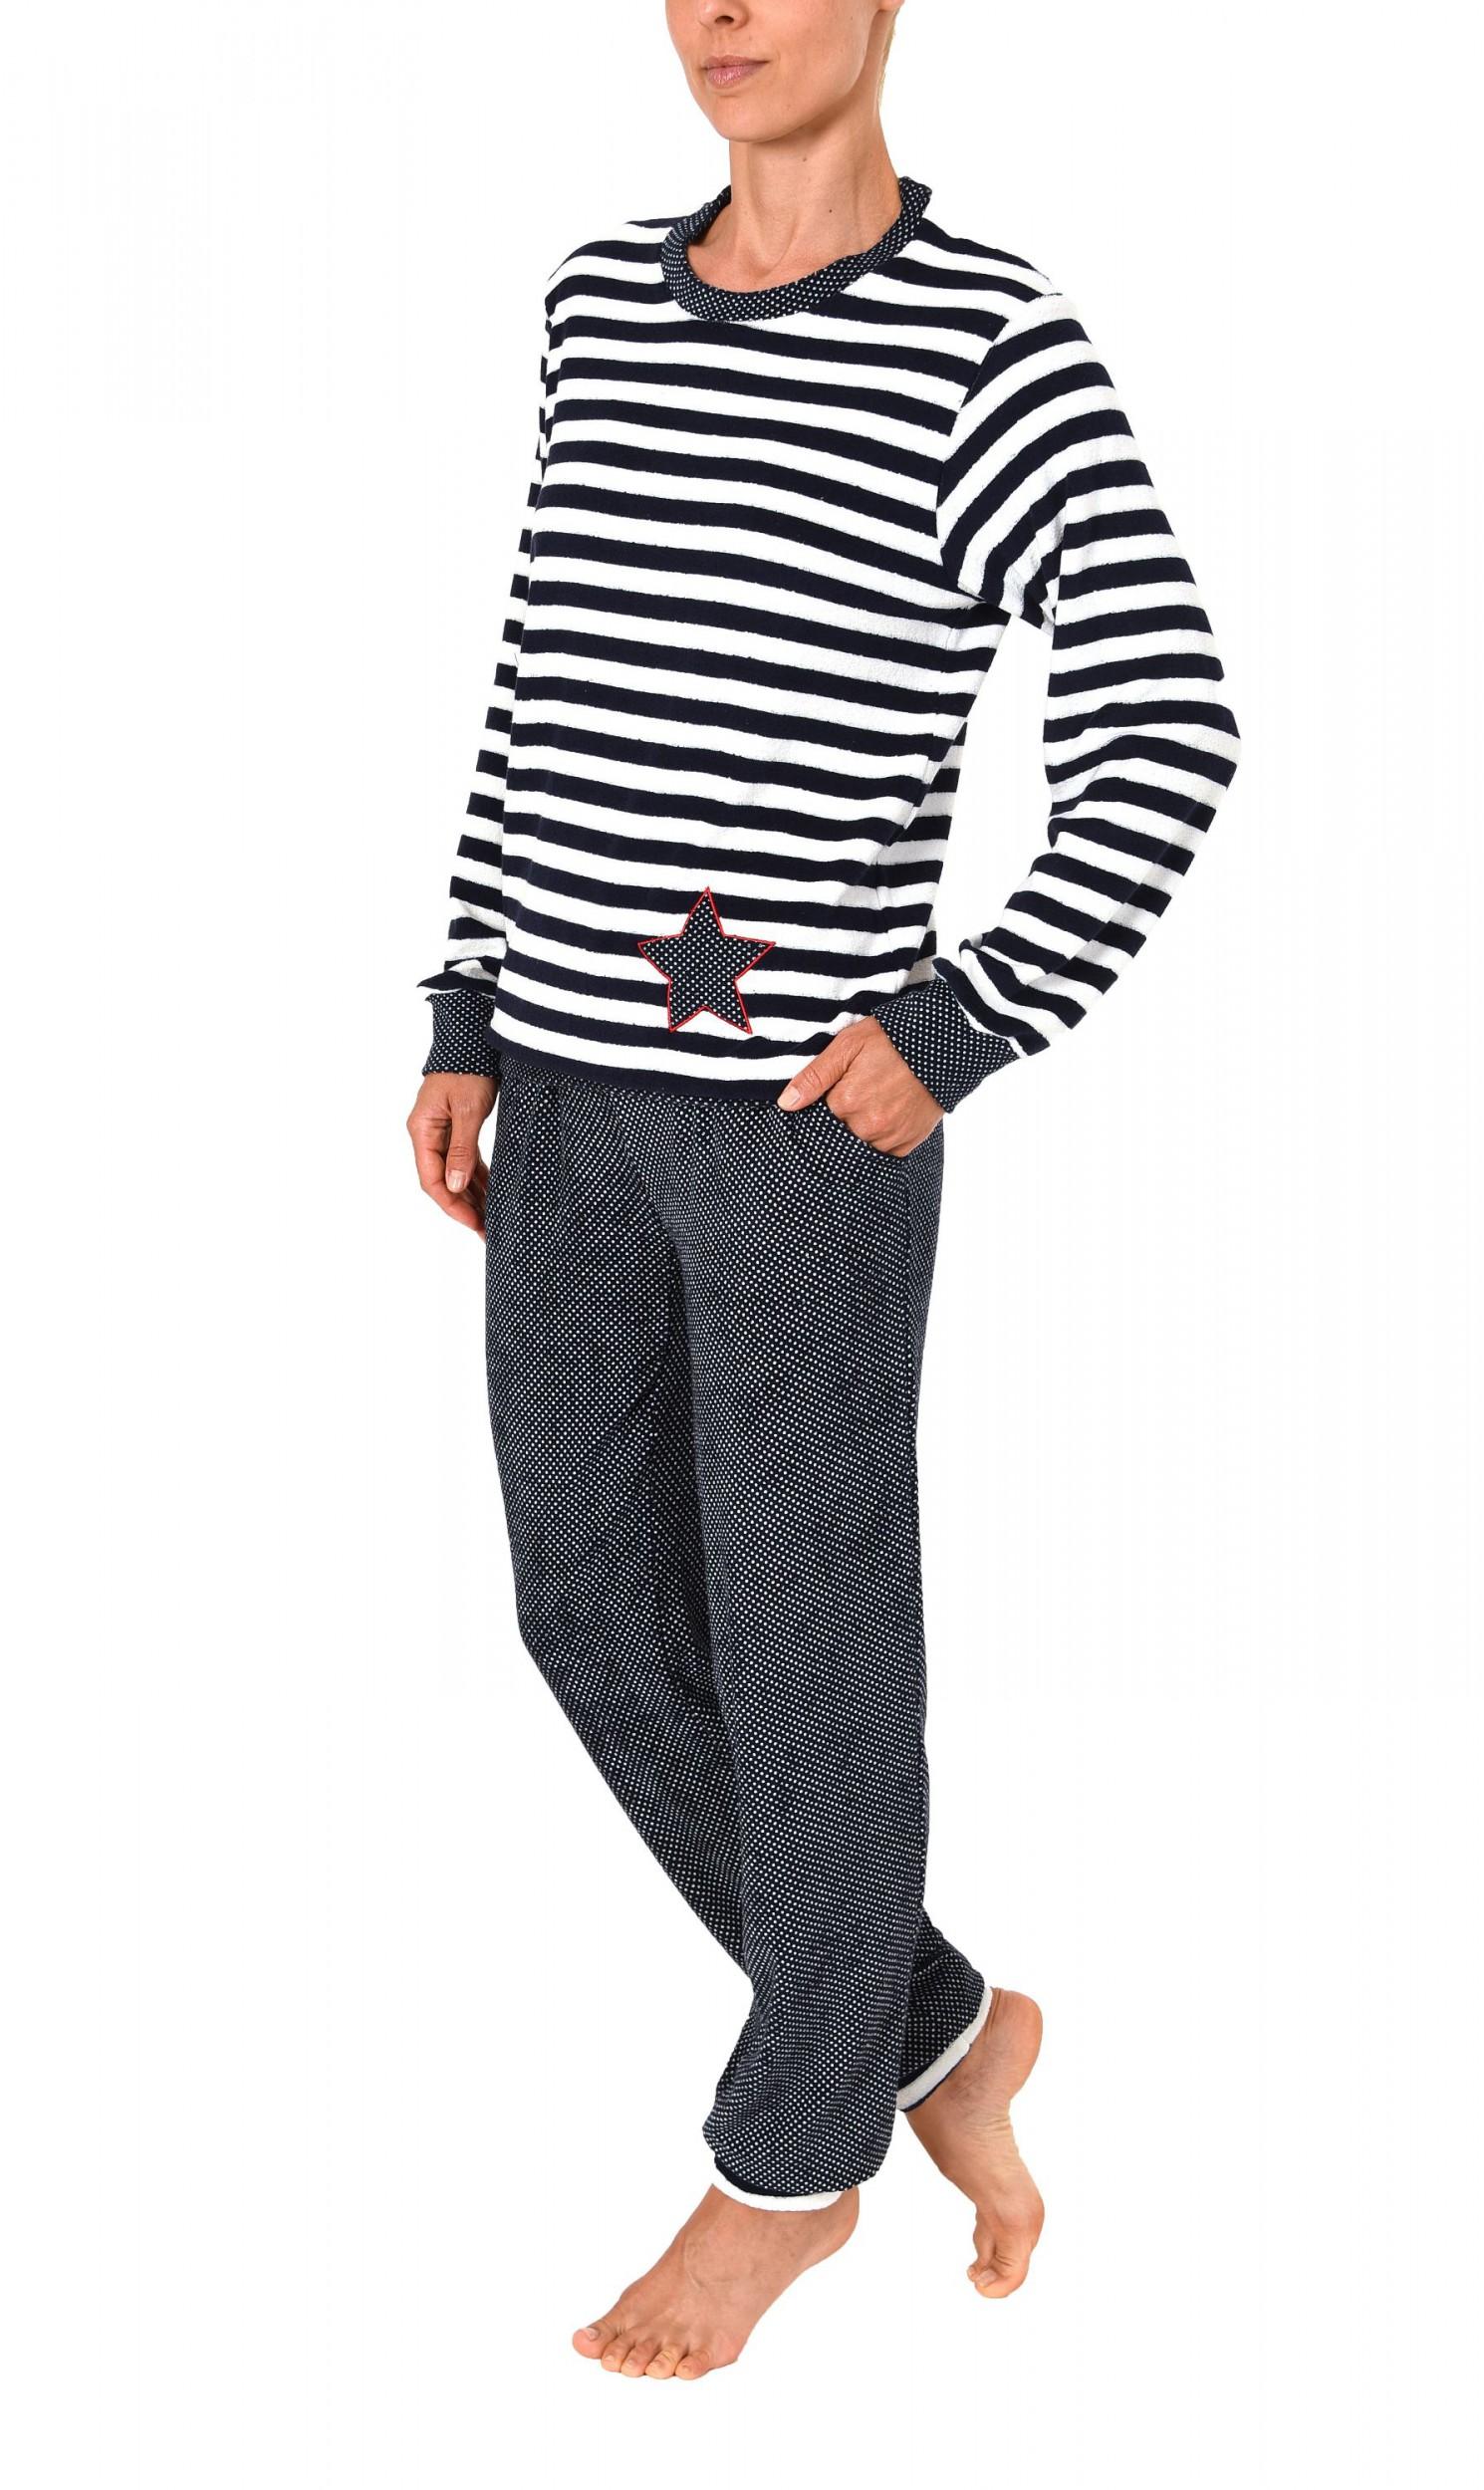 Damen Frottee Pyjama lang mit Bündchen – auch in Übergrössen  bis 60/62- 271 201 93 200 – Bild 3